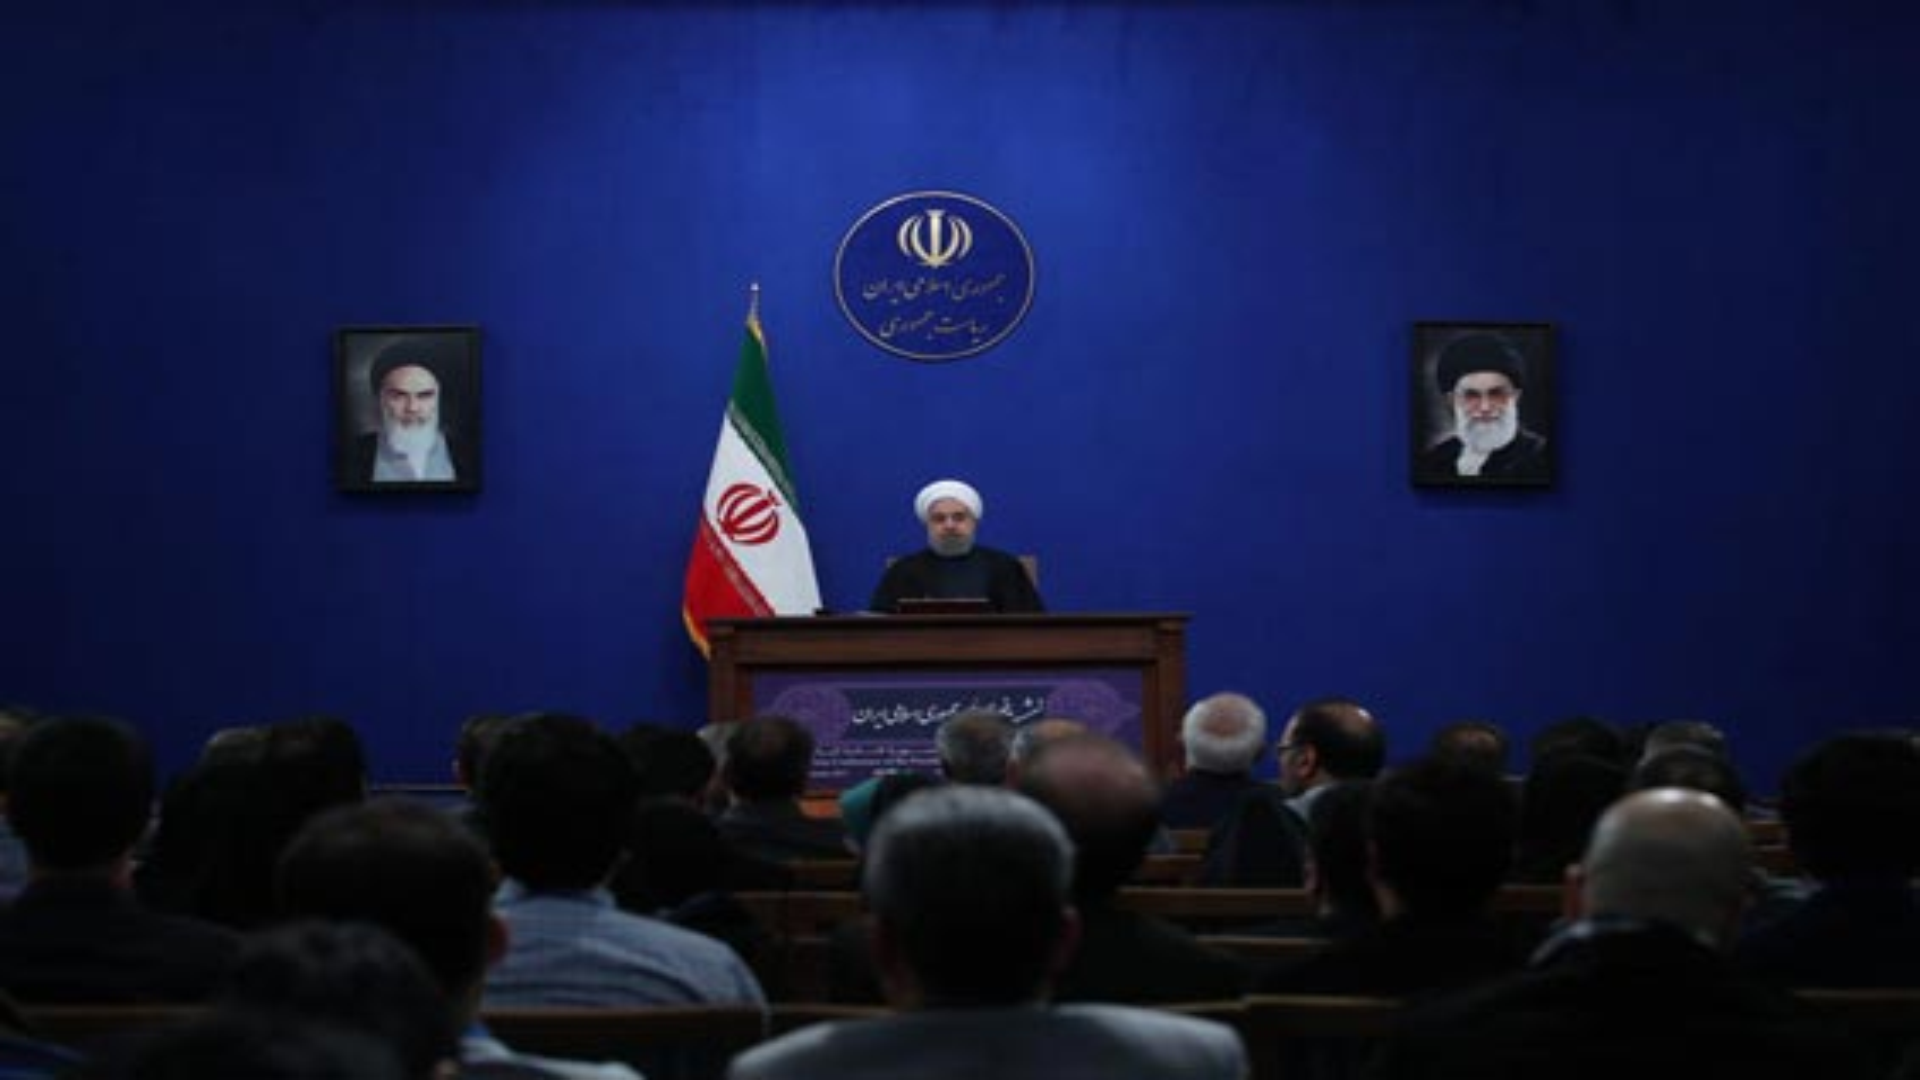 کنایه جالب دکتر روحانی به برخی منتقدان   فیلم